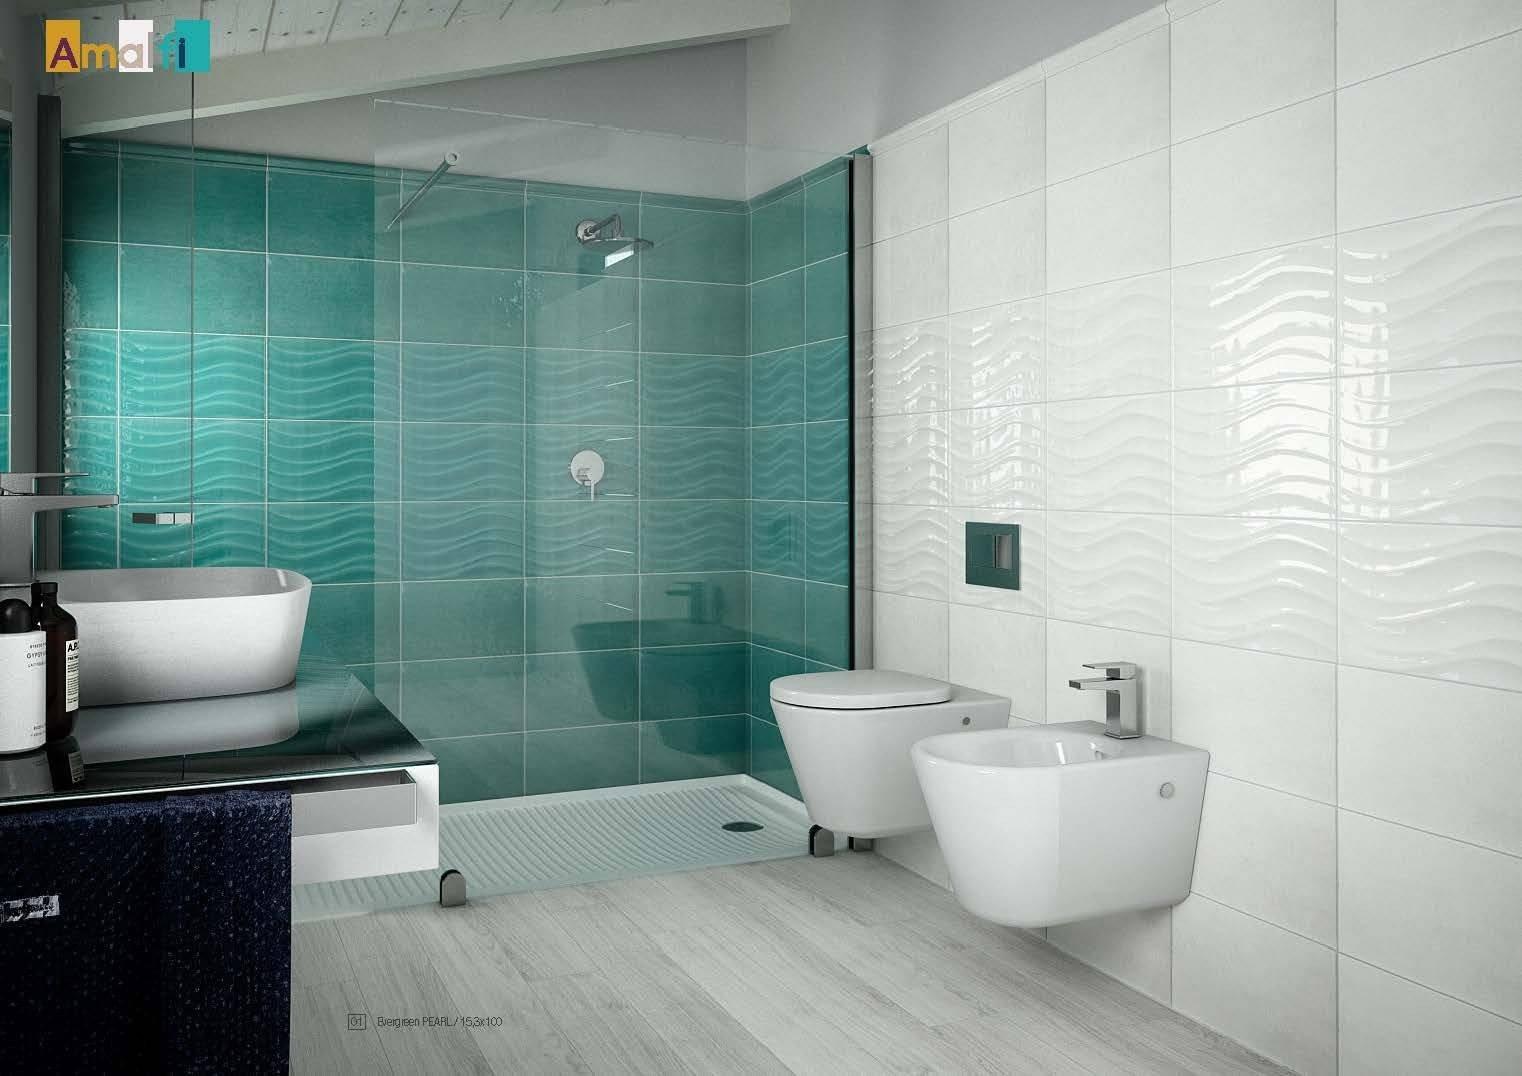 Vasca Da Bagno Amalfi Prezzo : Idea ceramica serie amalfi onda acqua 25×40 am210 universo ceramiche